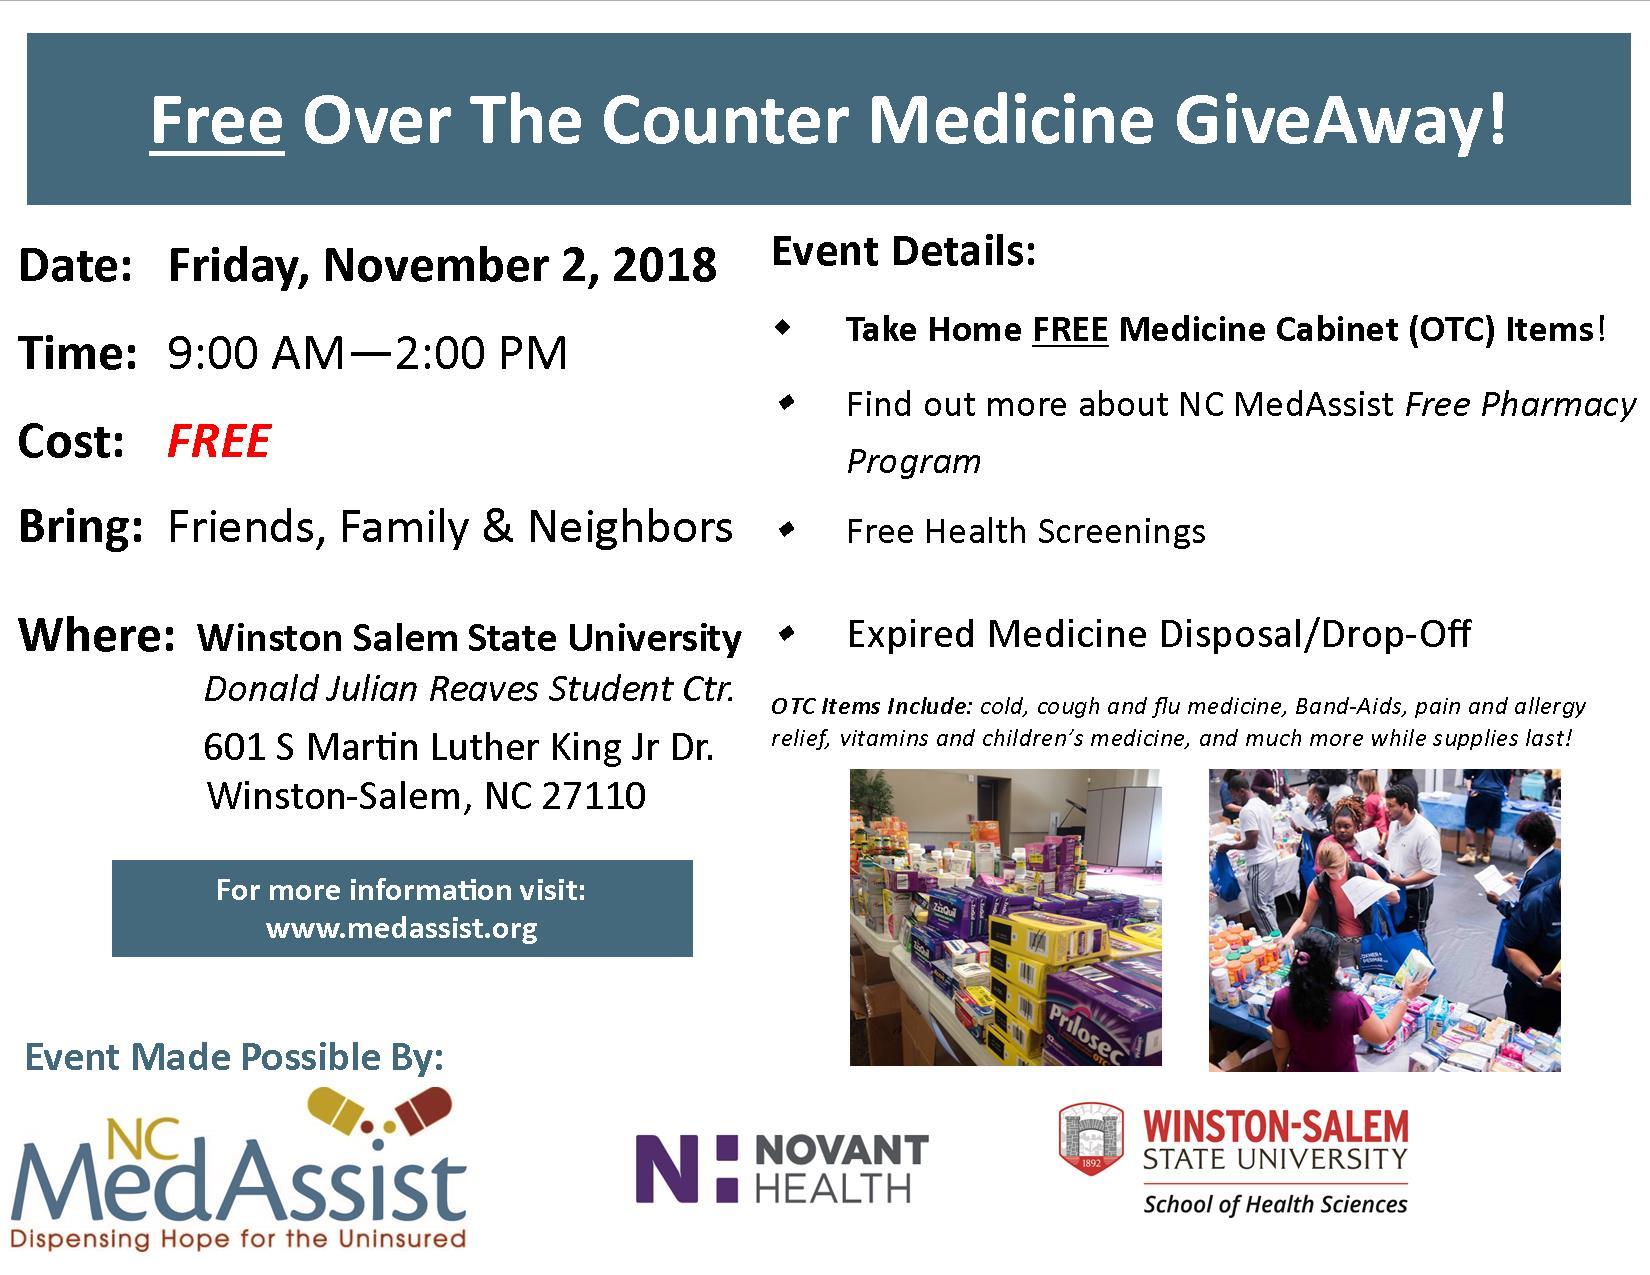 Mobile Free Pharmacy Event Flyer_Forsyth2018.jpg